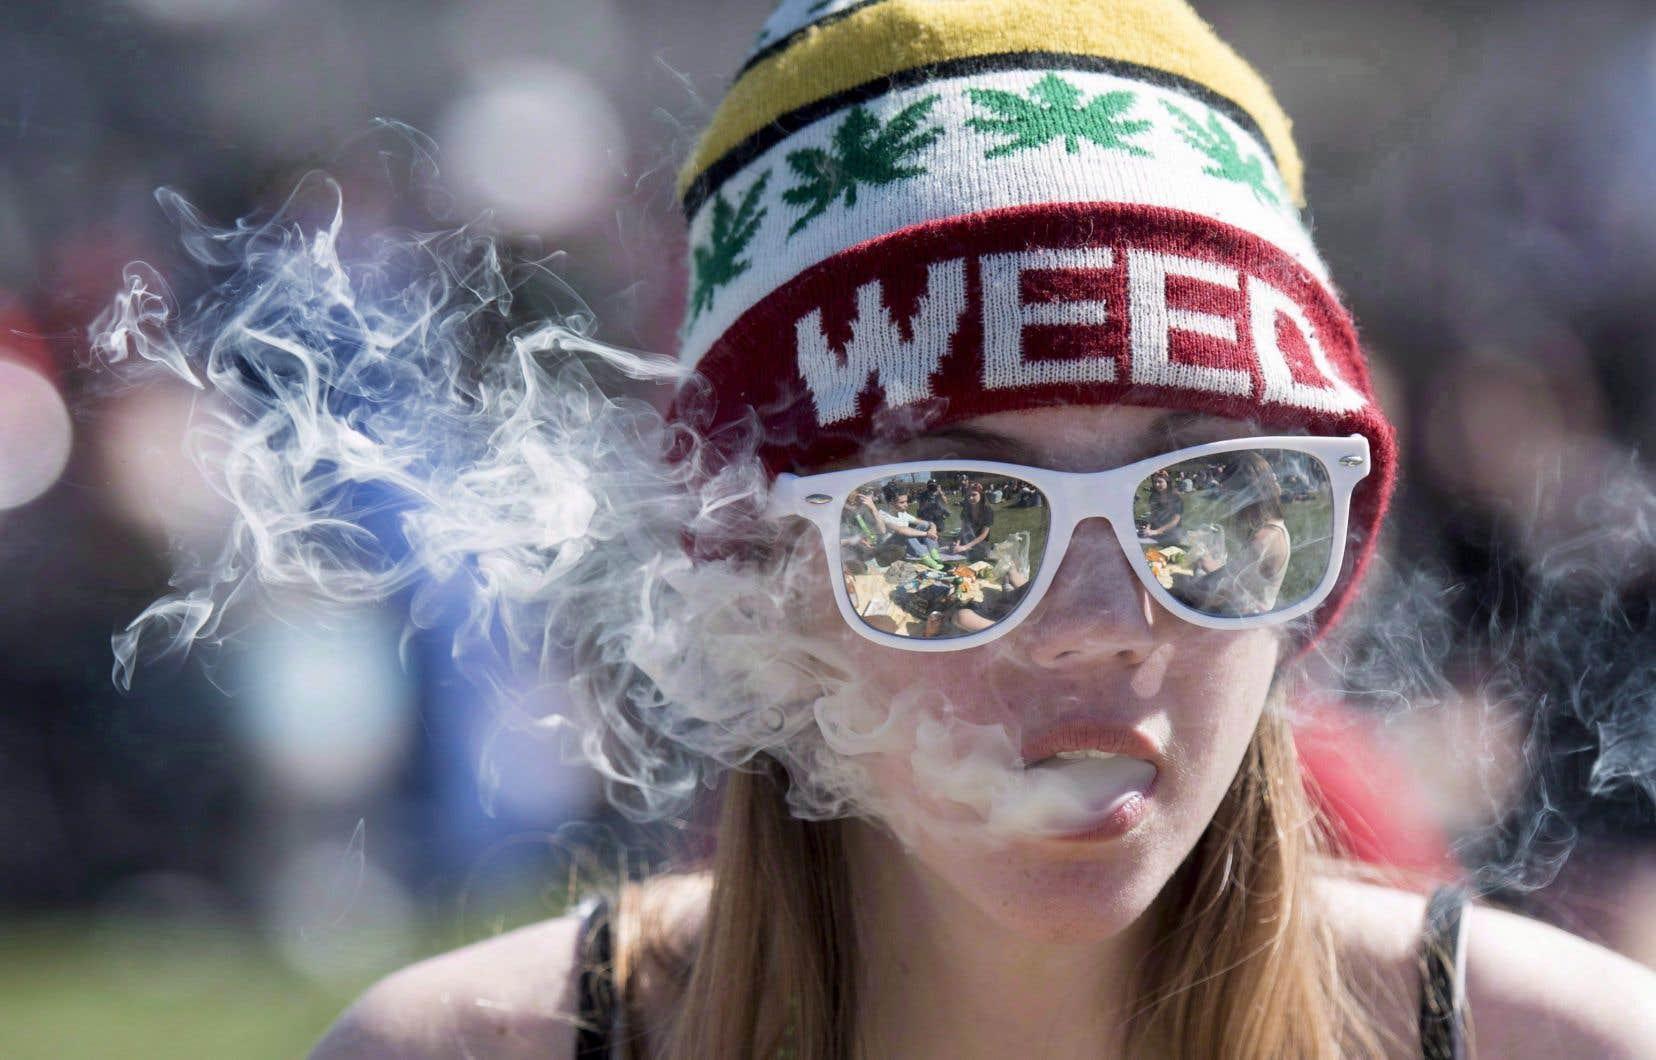 Plus de 90% des dépenses répertoriées par Statistique Canada en 2017 l'ont été pour faire l'achat de cannabis à des fins non médicales.